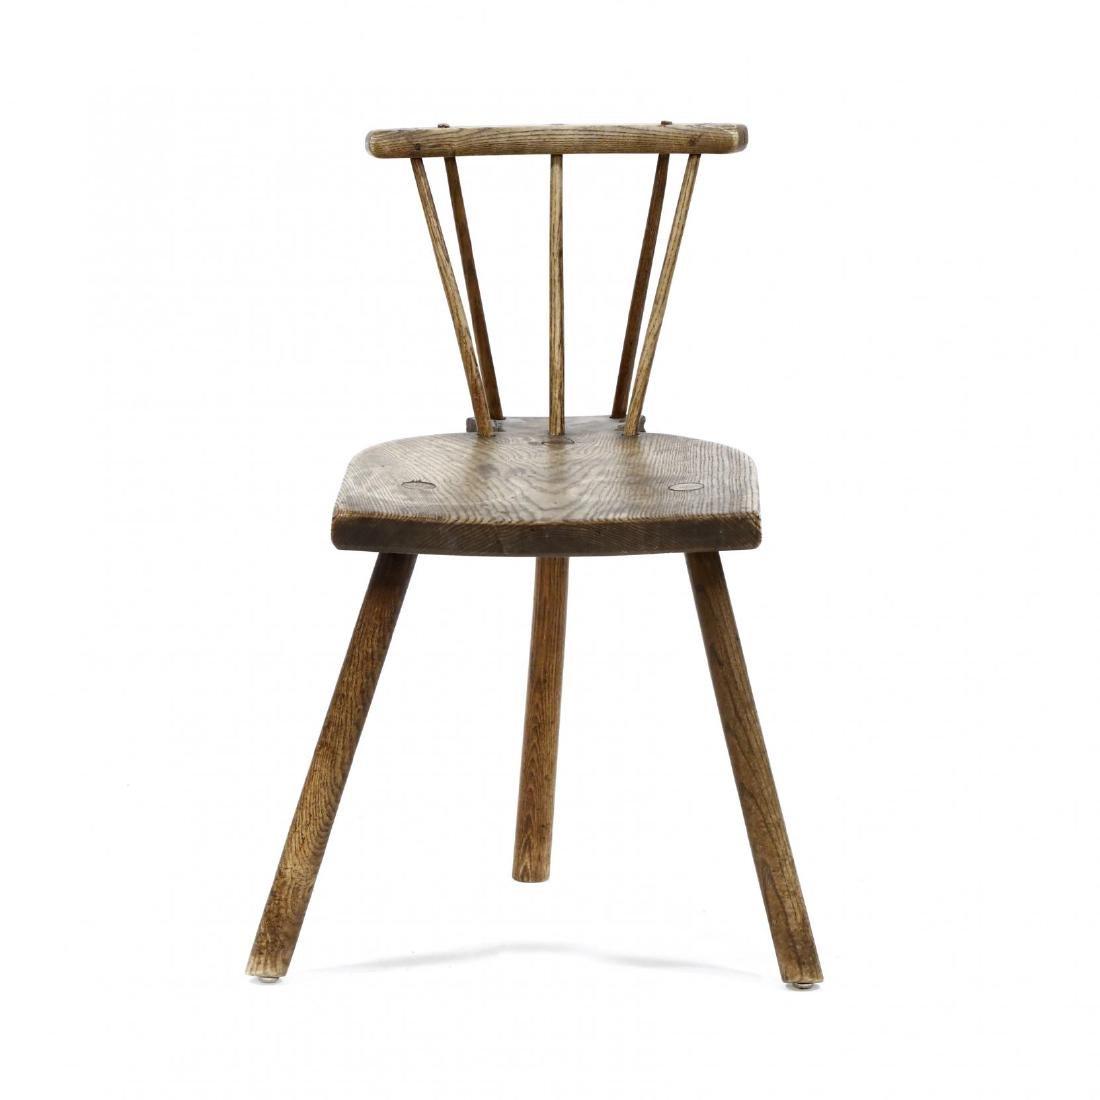 Antique Brace Back Chair